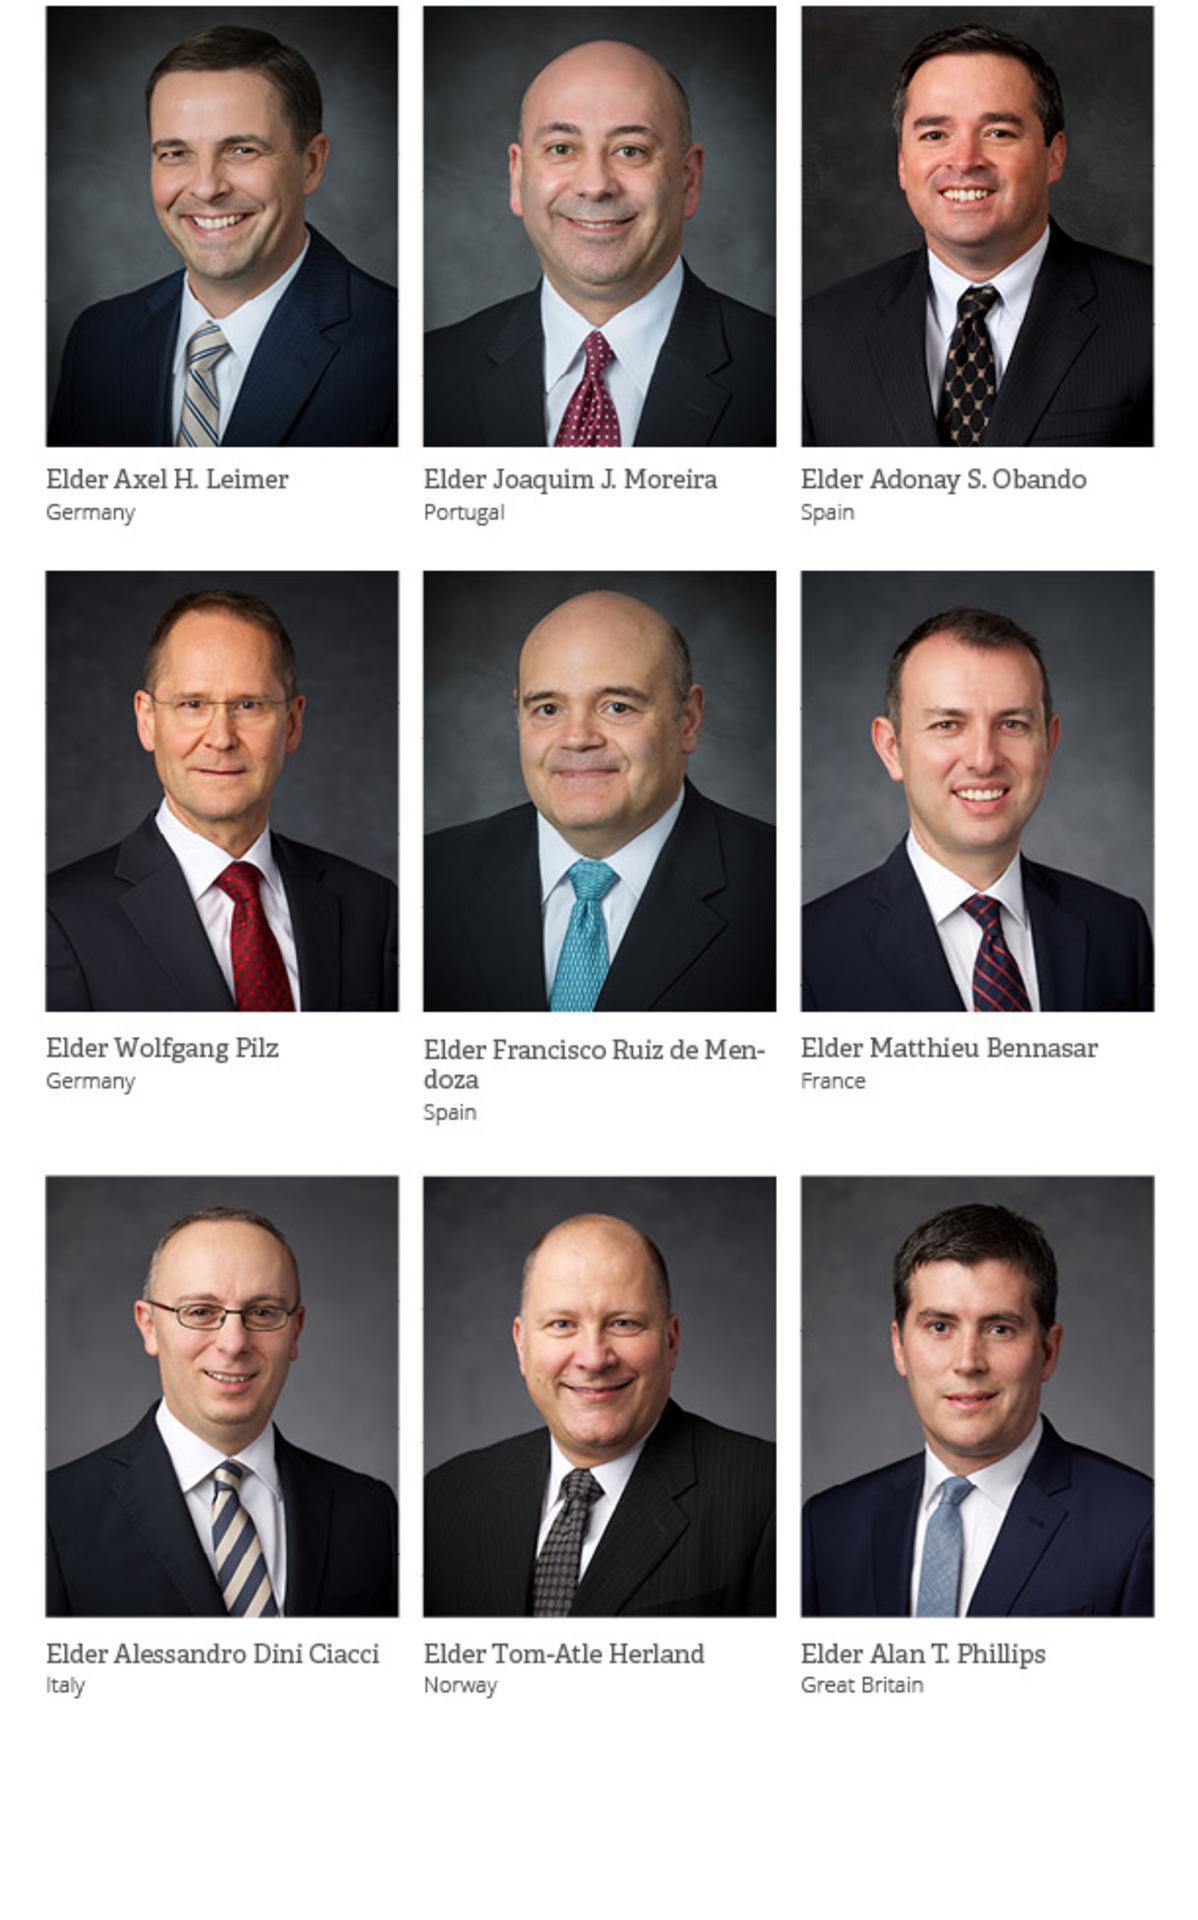 Europe Area Leadership Portraits